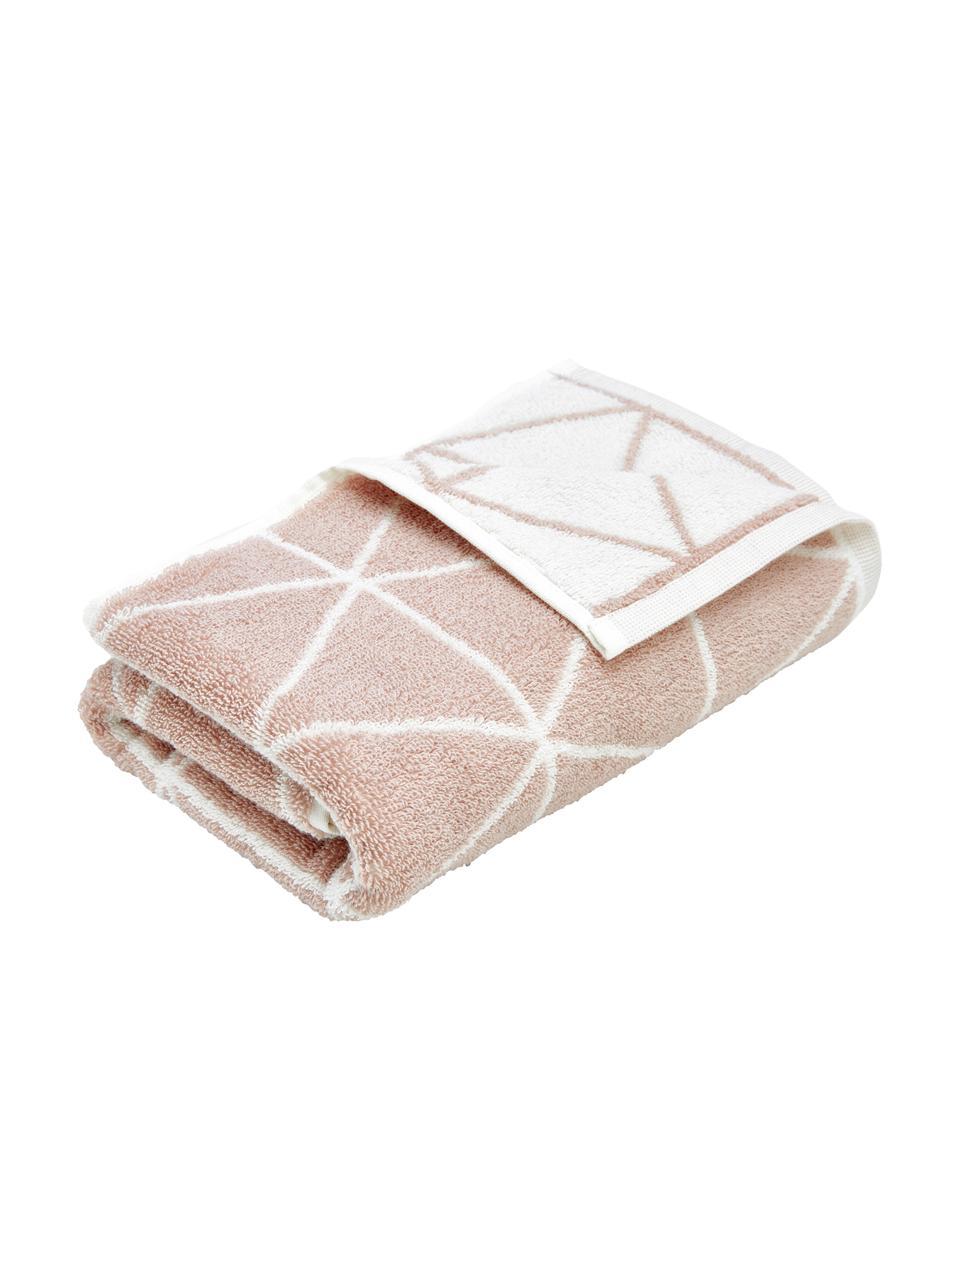 Serviette de toilette réversible en coton pur Elina, Rose, blanc crème